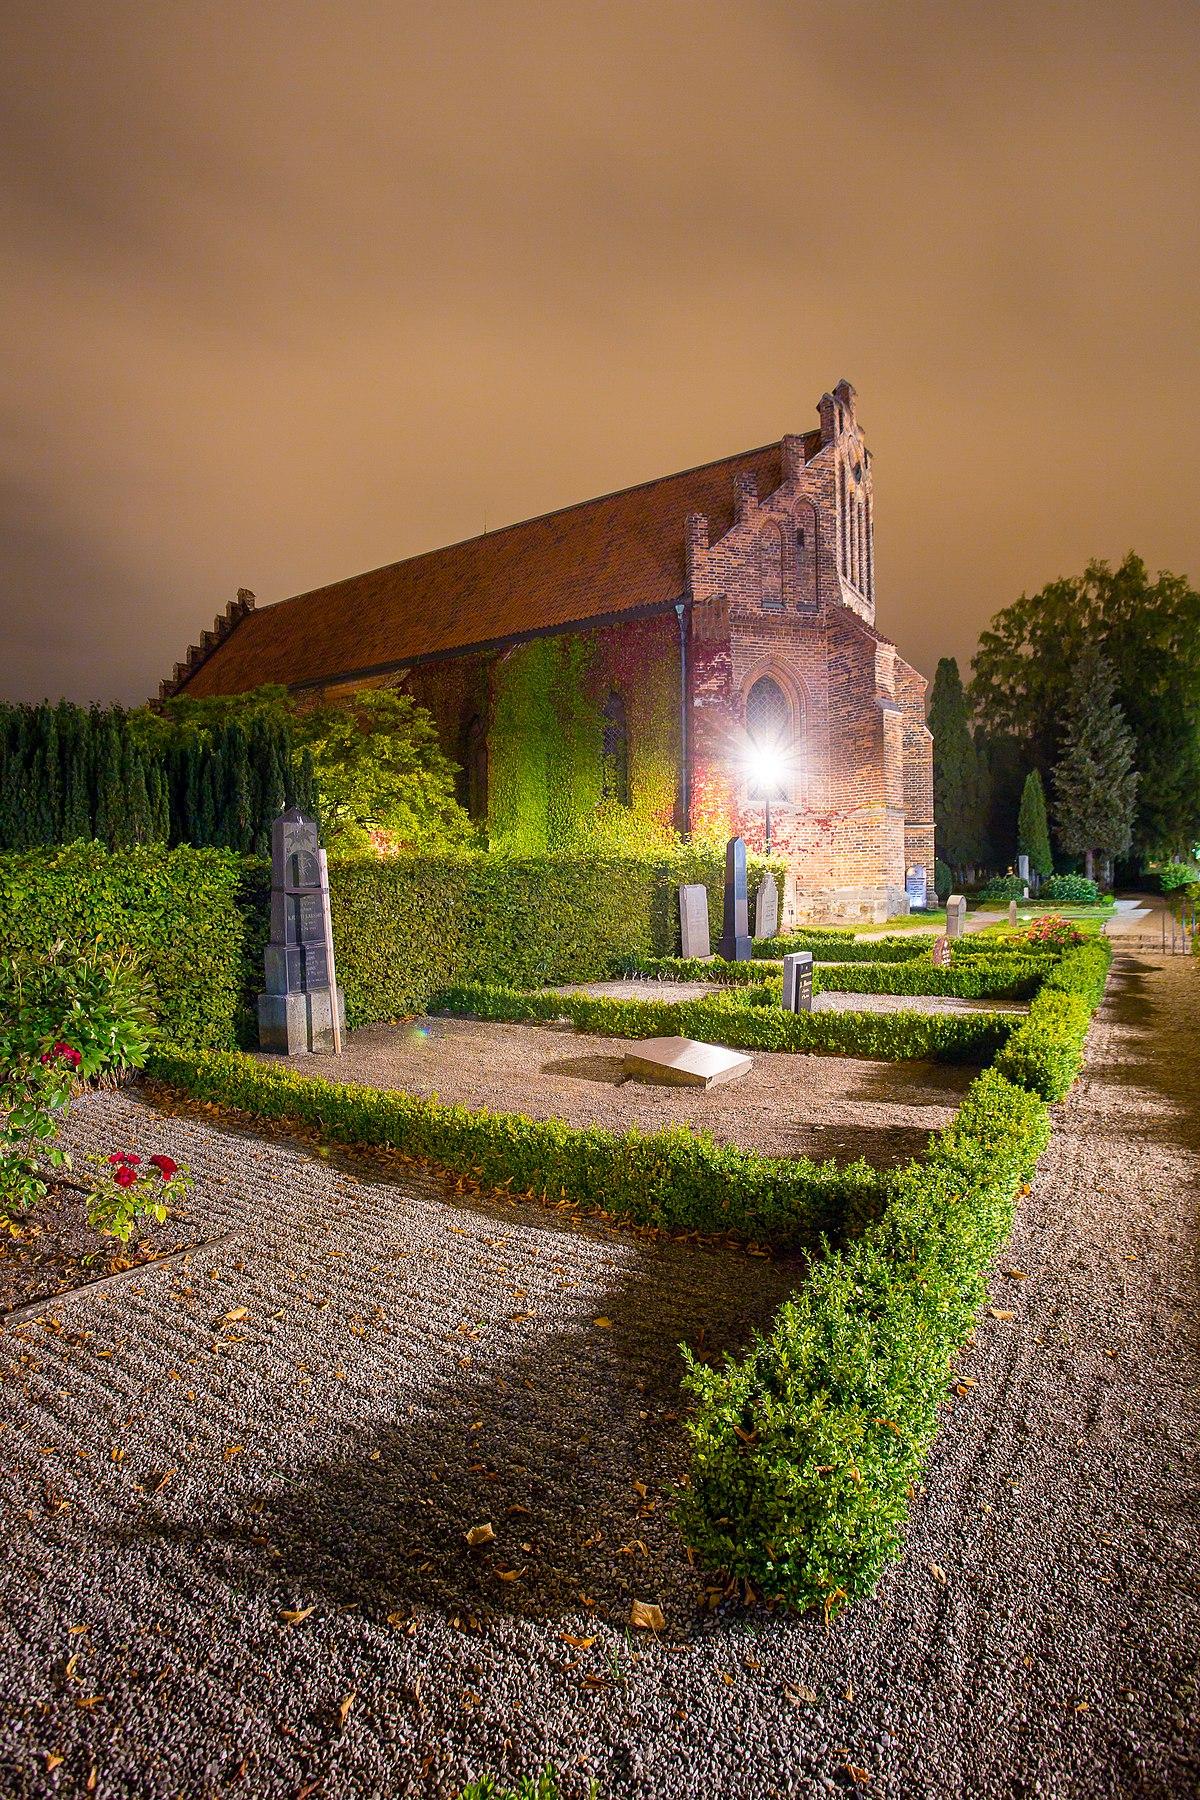 Sankt Peters klosters kyrka - Lund - Egyhz, Nevezetessg s